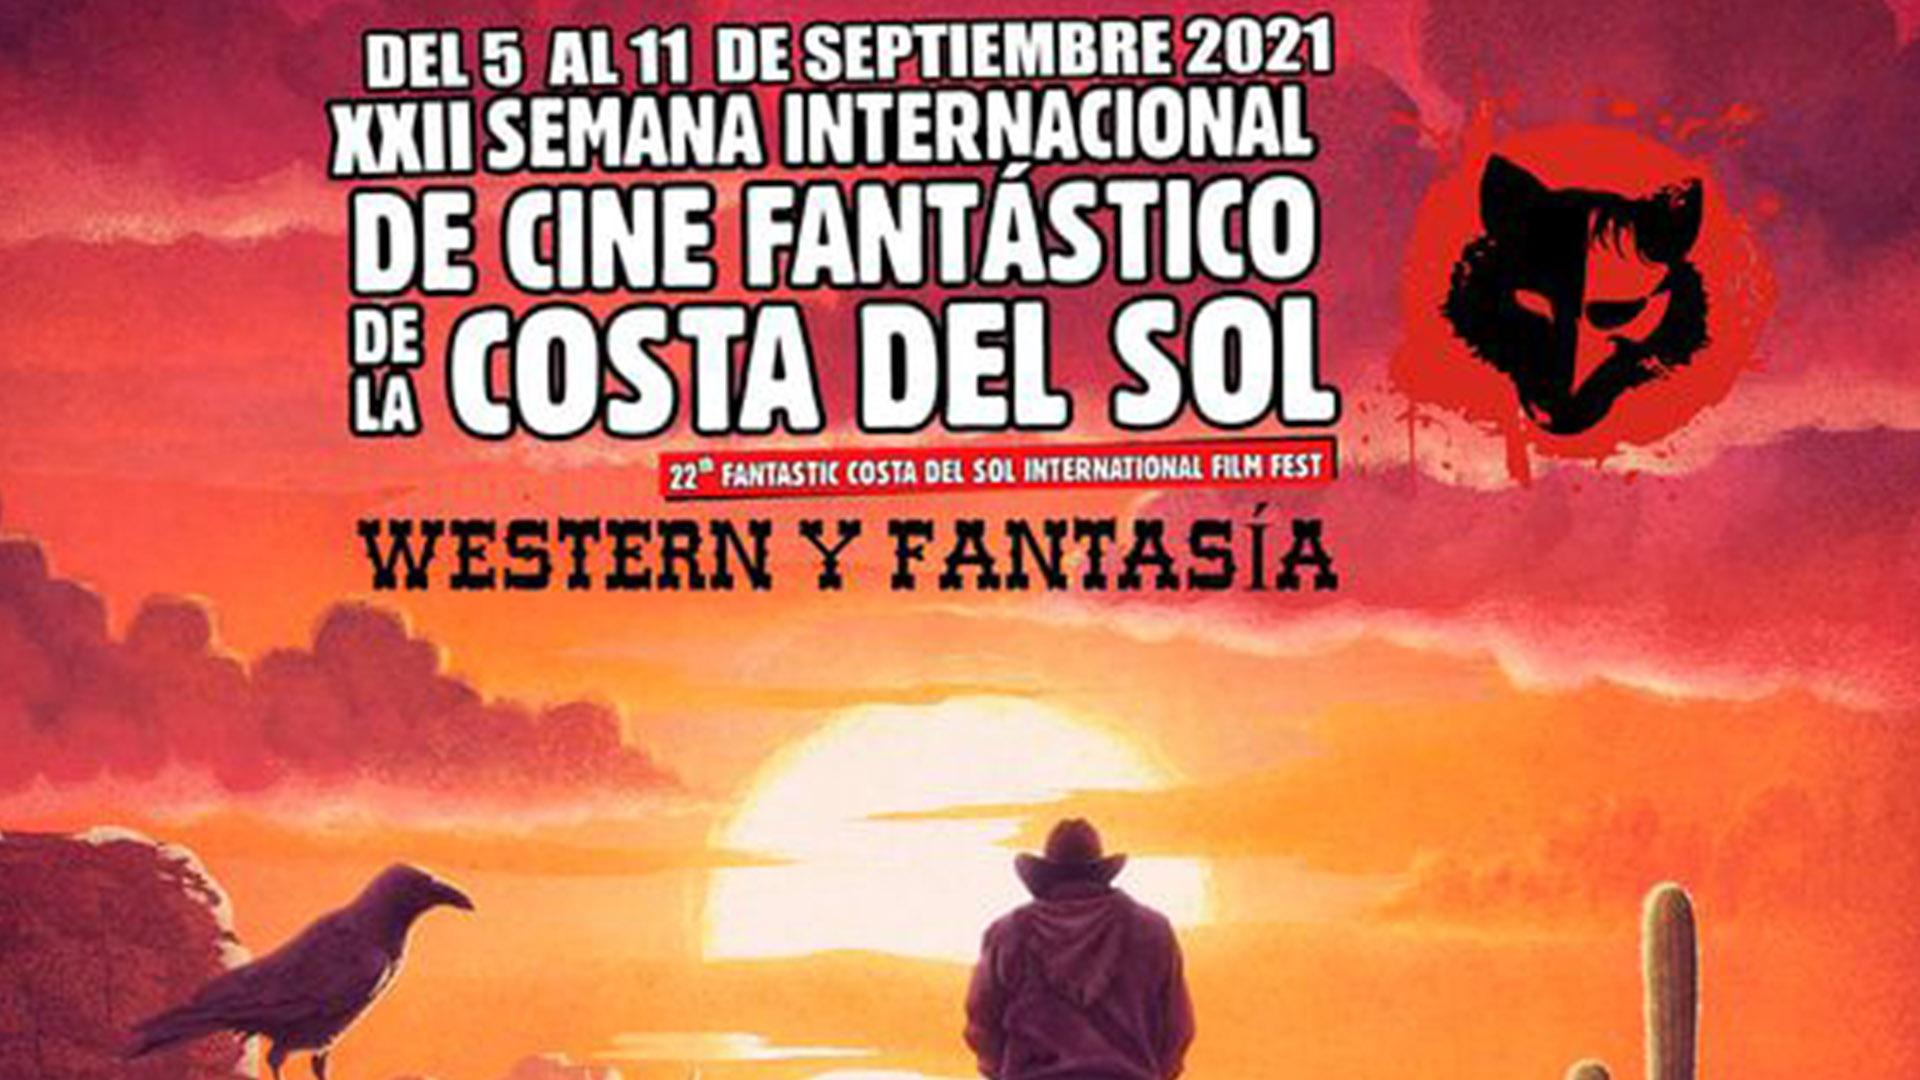 XXII Semana Internacional de Cine Fantástico de la Costa del Sol